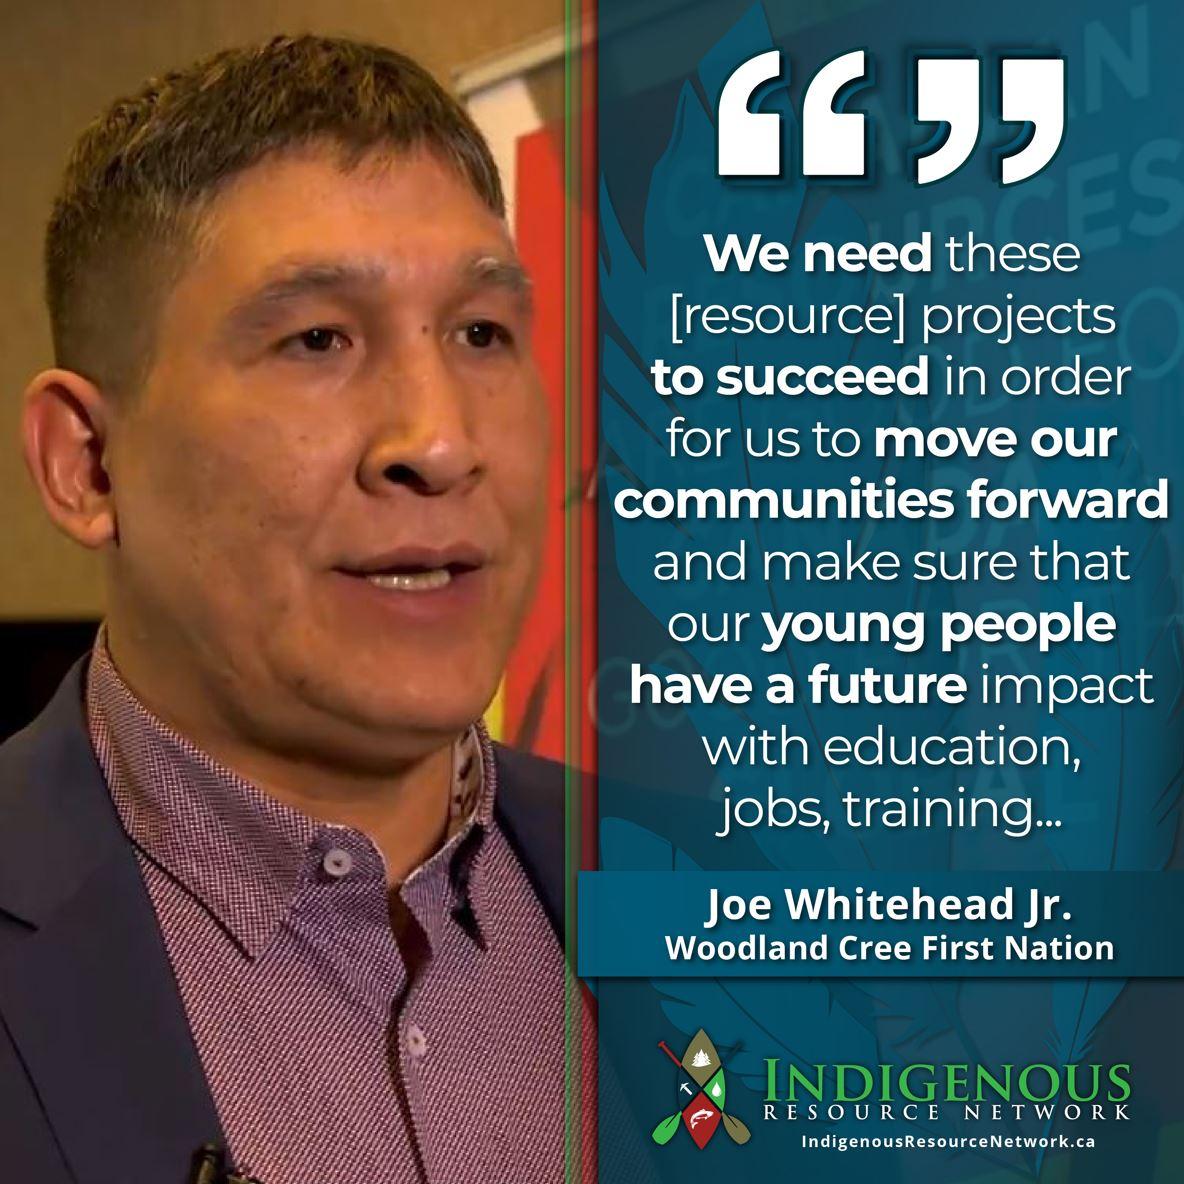 Indigenous Resource Netowrk - Joe Whitehead Jr.